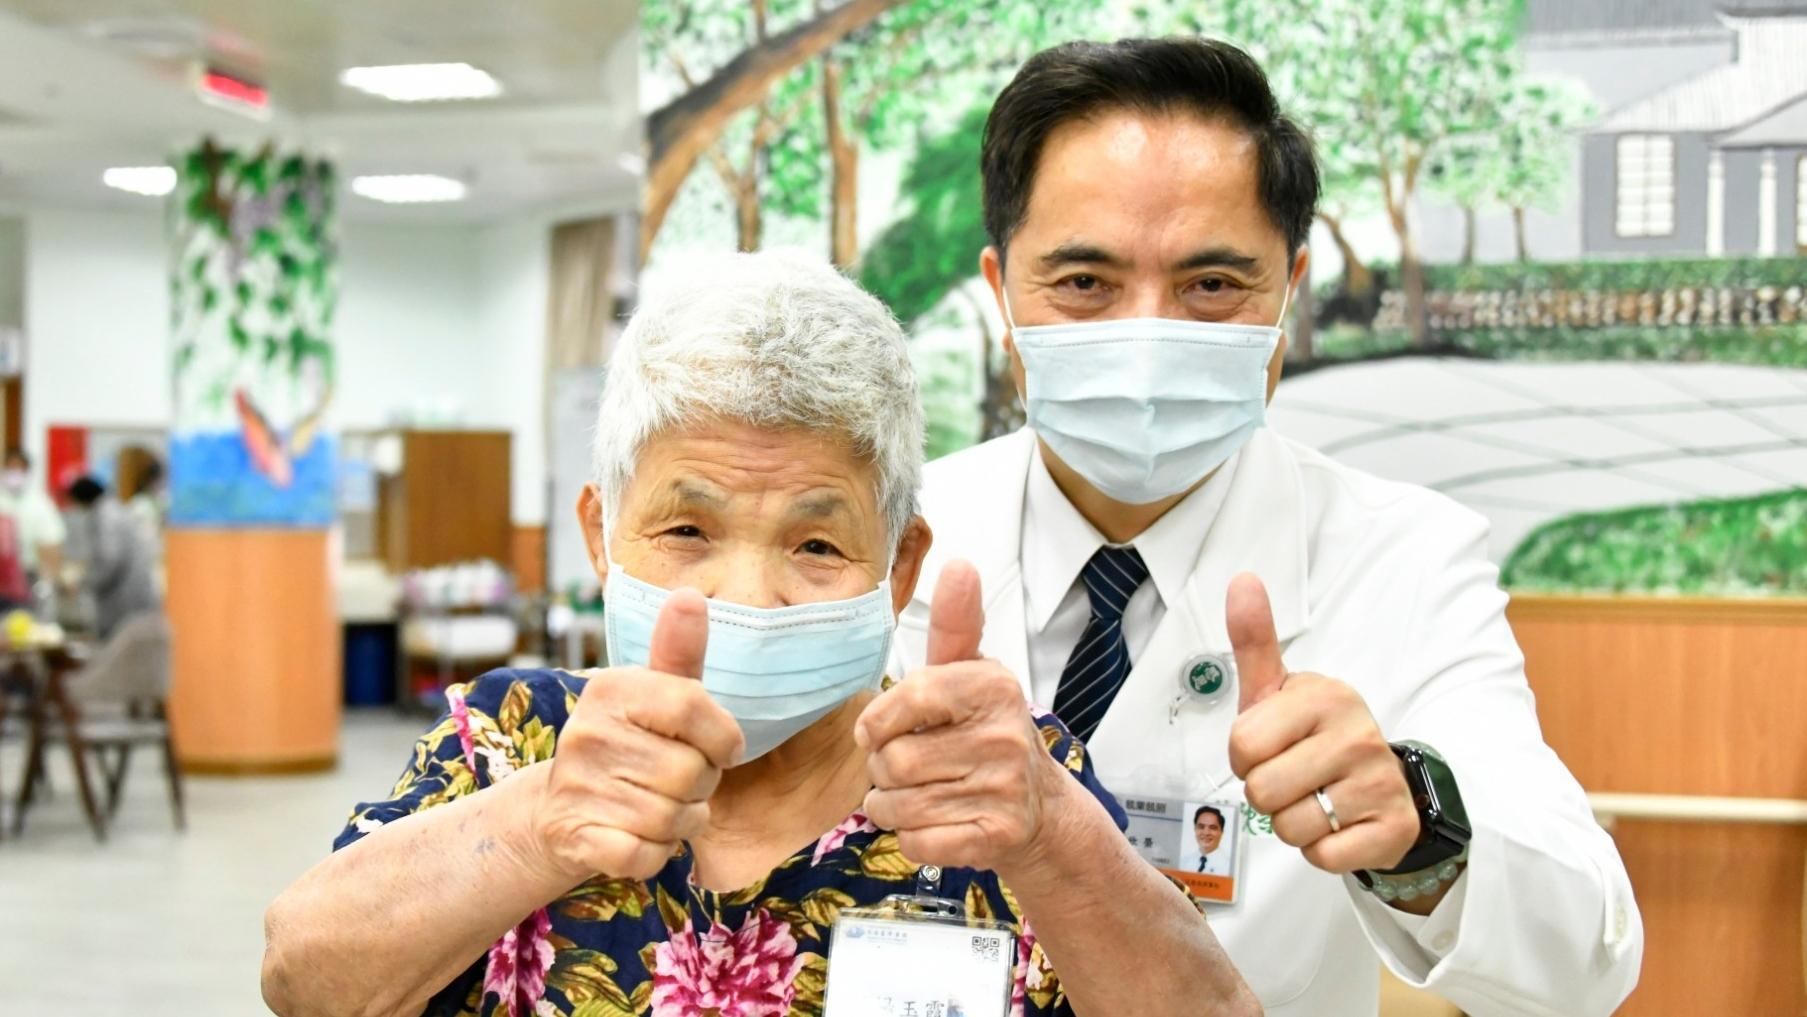 在日照中心試營運時期就報到的的七十八歲溫楊玉霞奶奶,也特別向林欣榮院長說「謝謝」,她和同學們每天都很期待到日照中心上課。